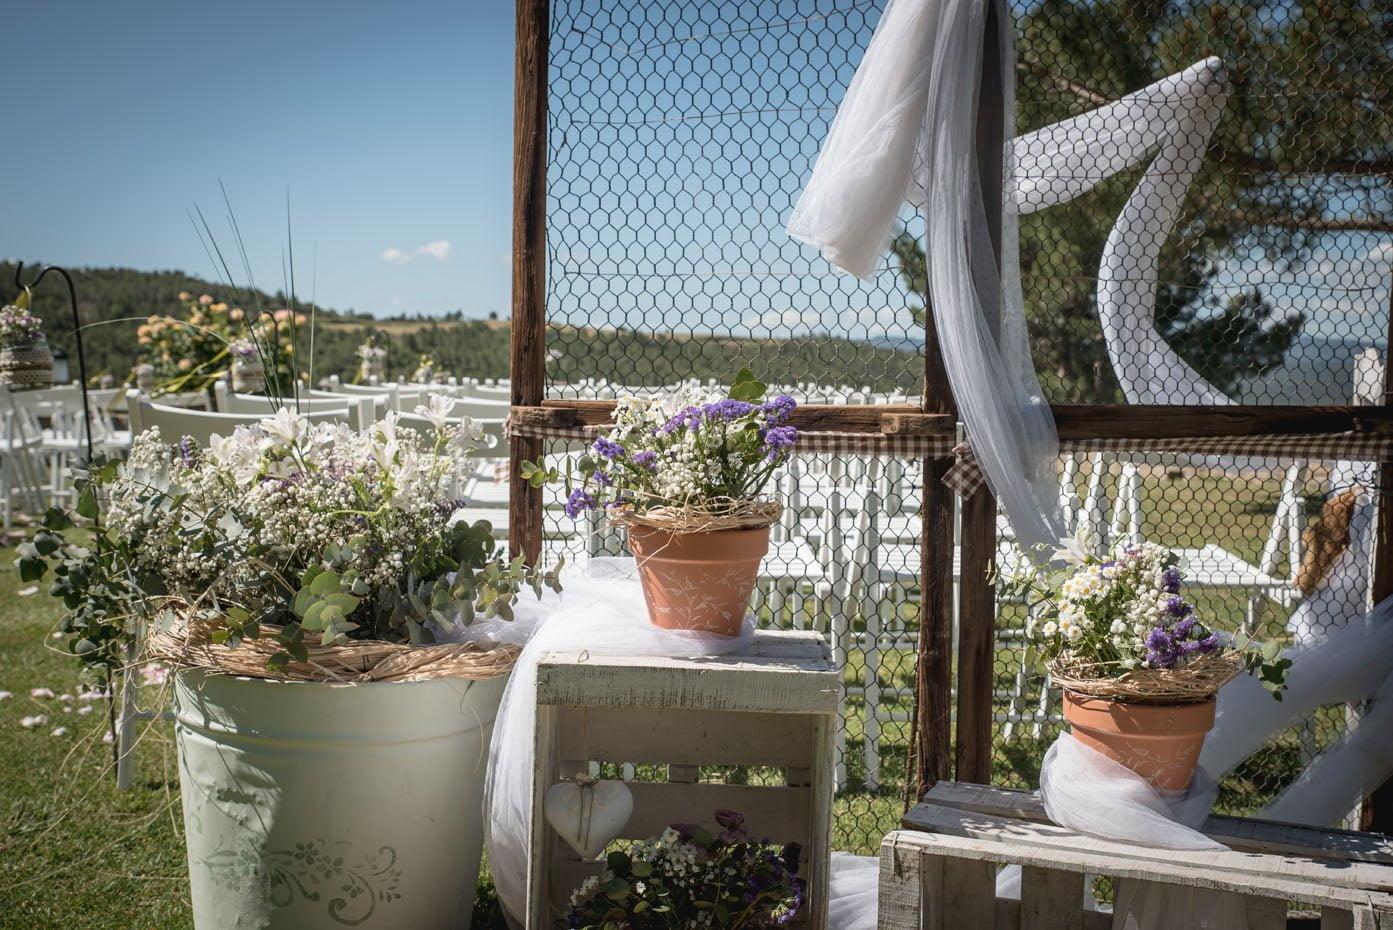 Casaments-ca-nalzina-espai-gastronomia25